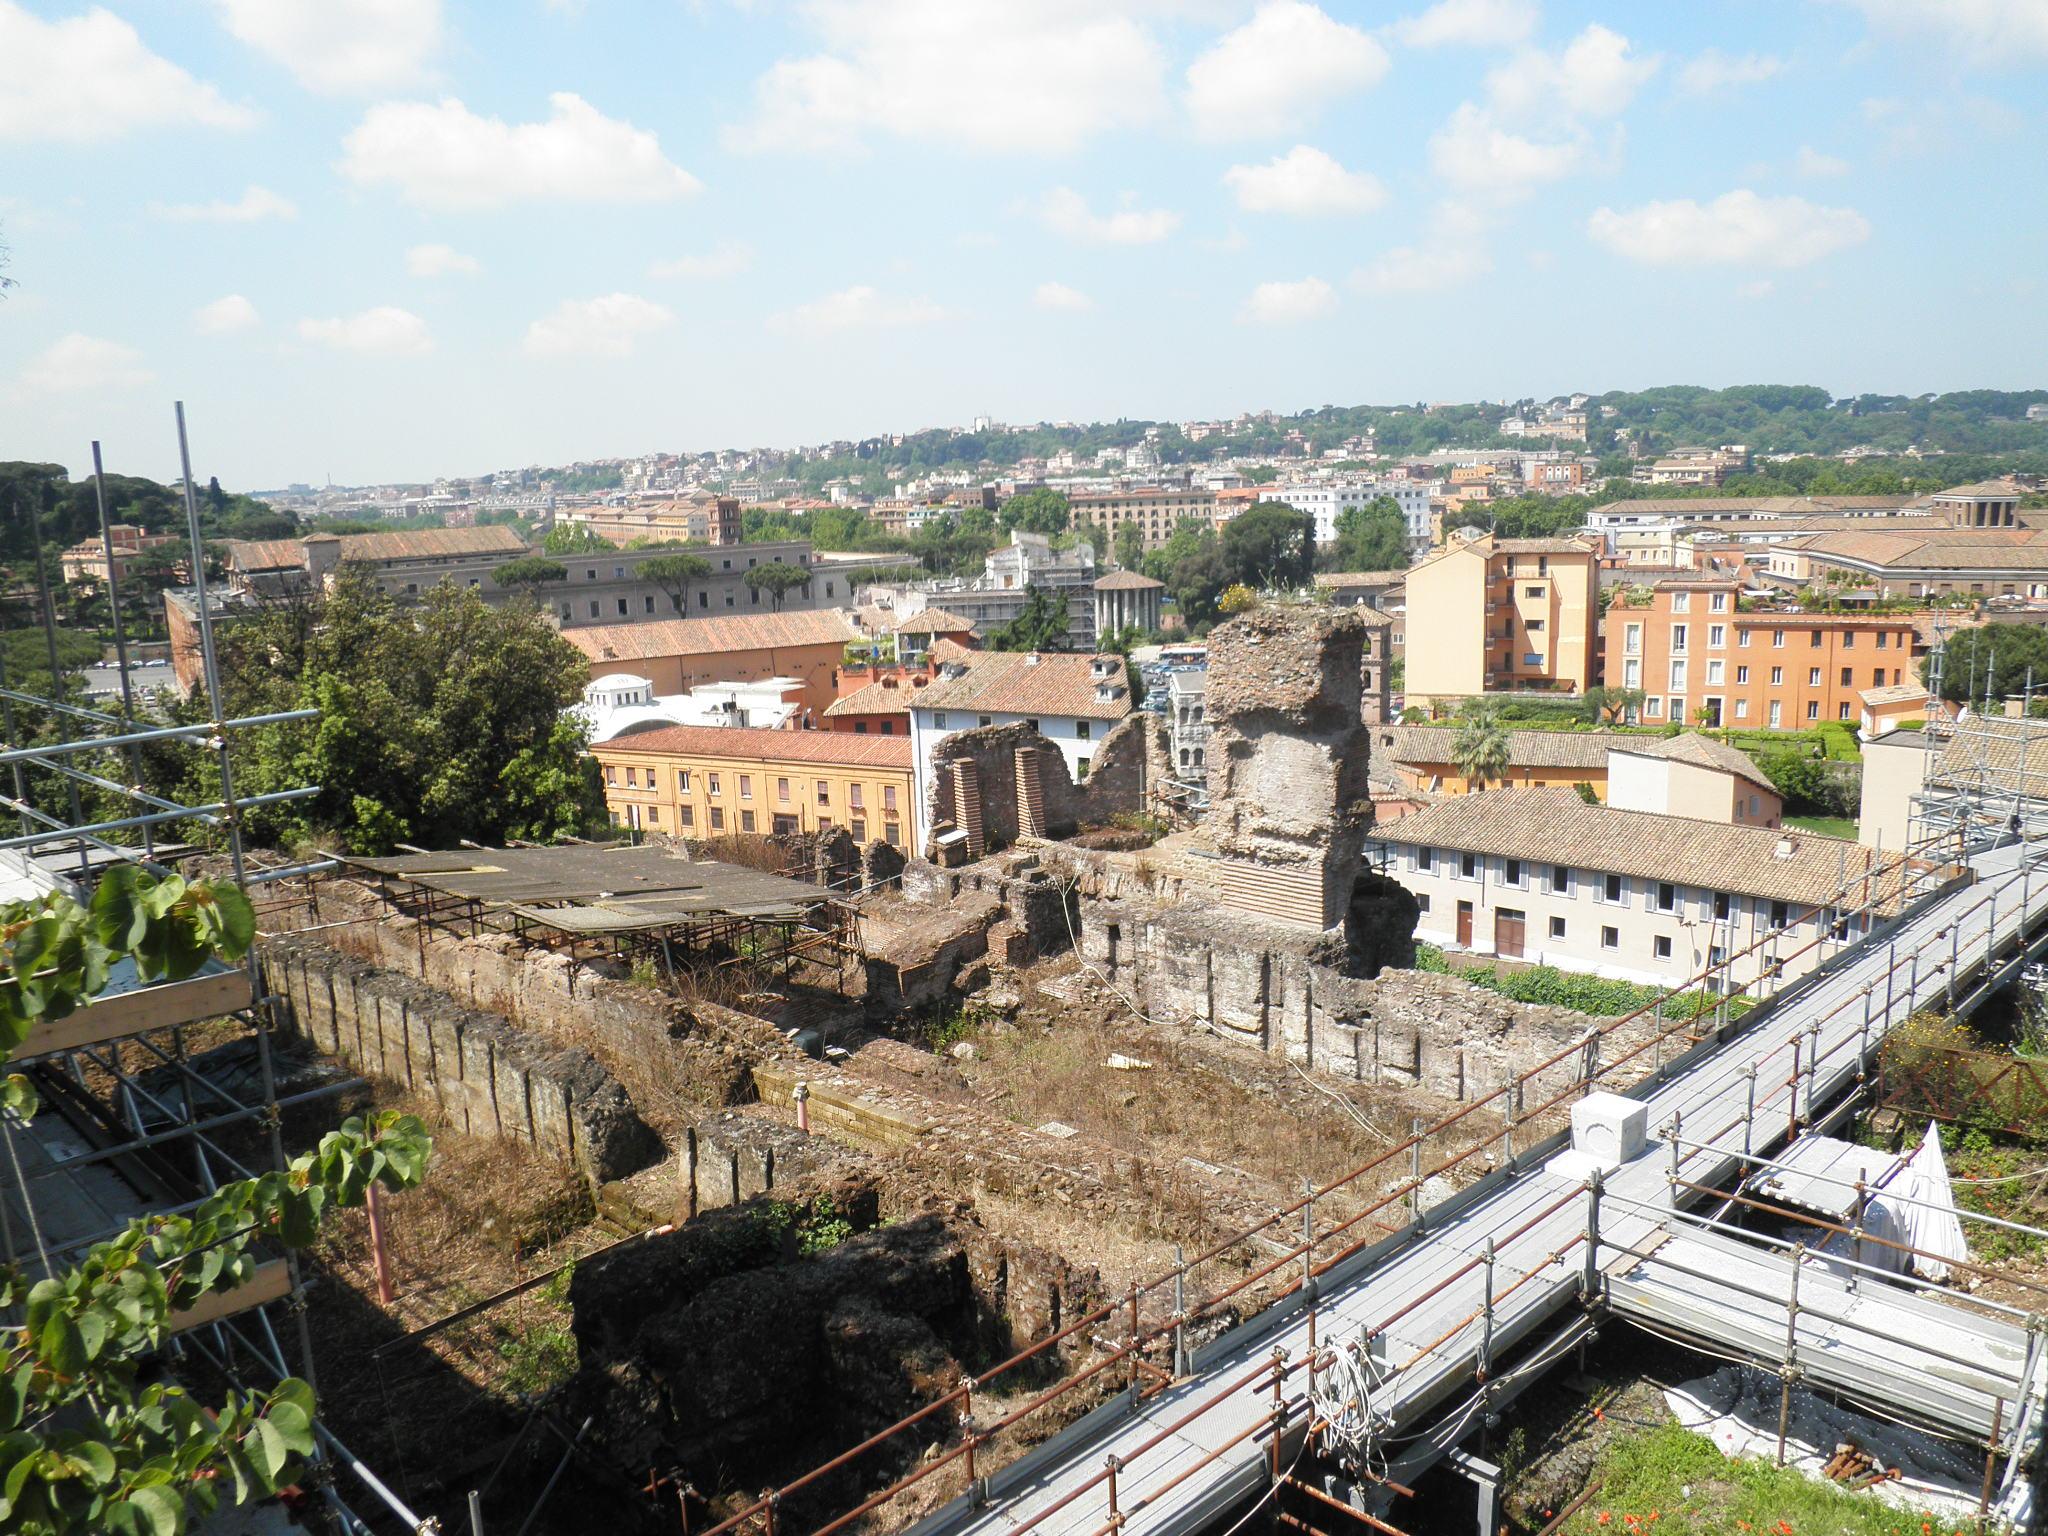 File:Horrea e rione di s Teodoro dalla terrazza farnesiana 5180121 ...